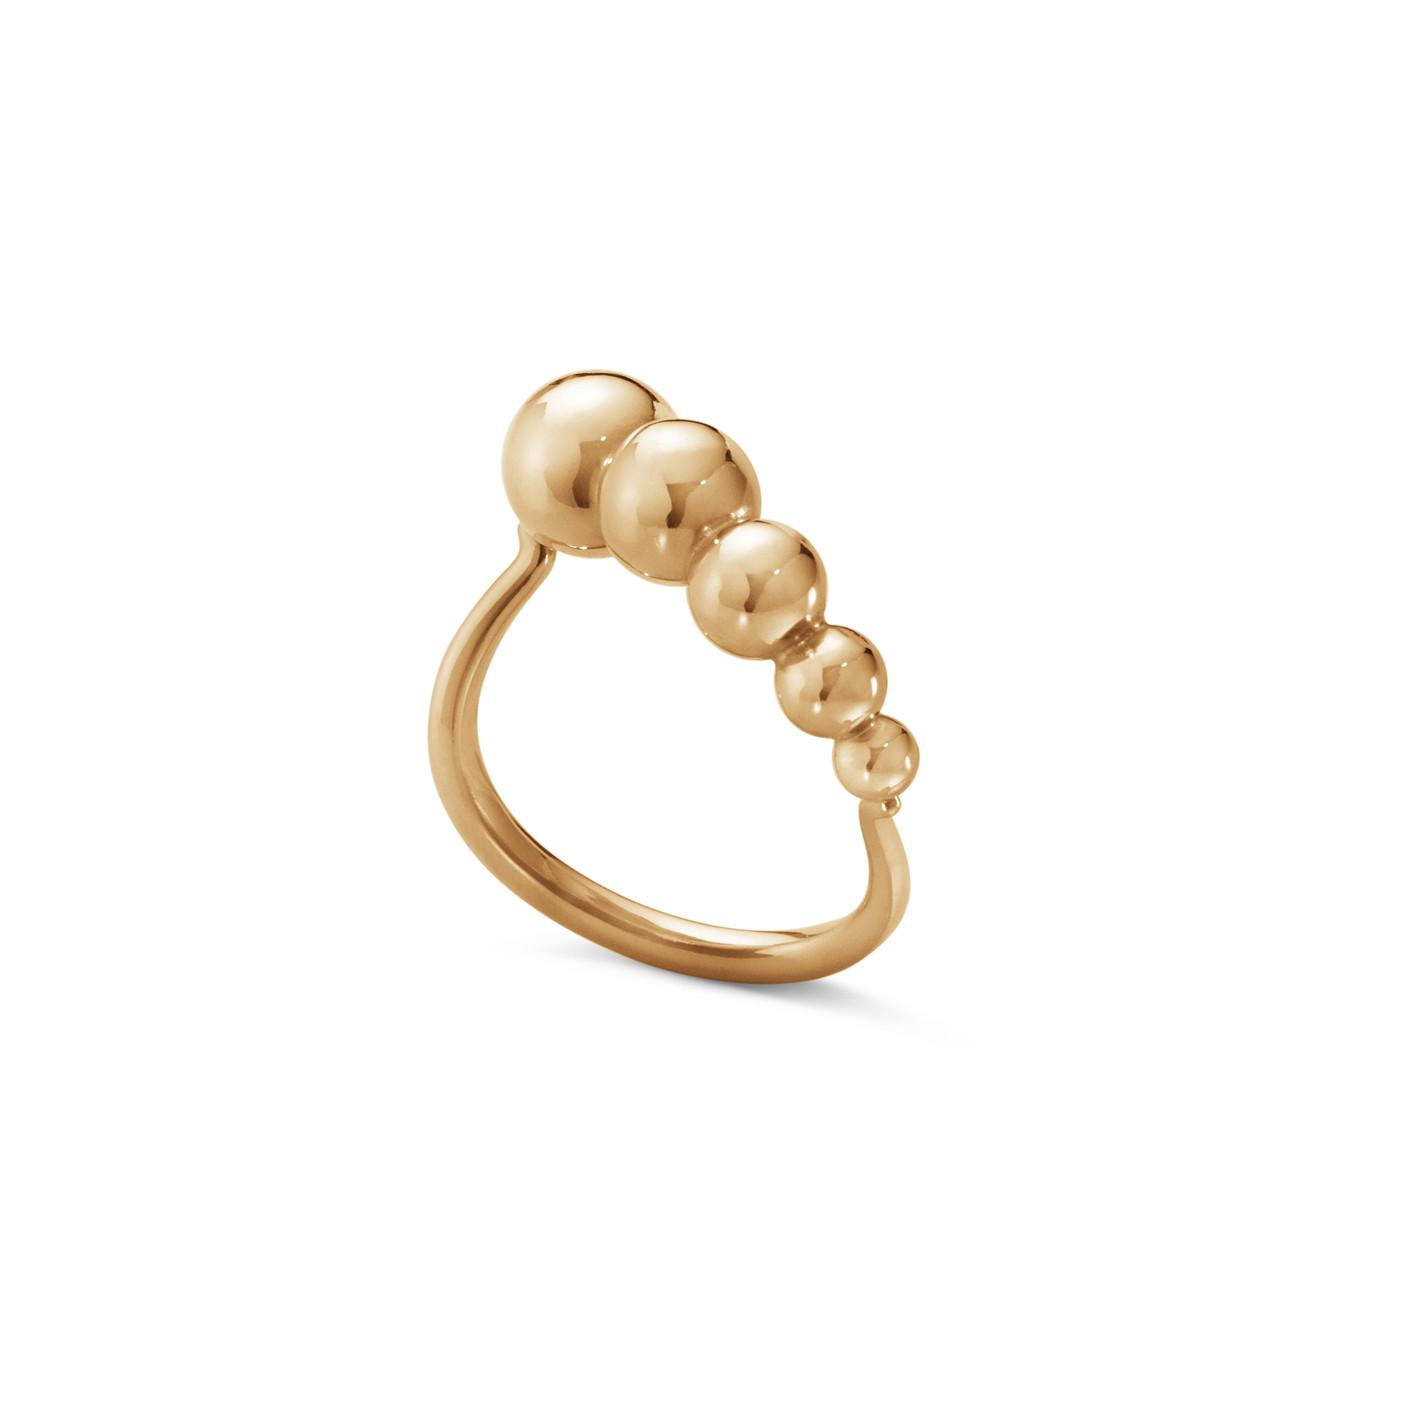 Georg Jensen Grape ring 18 kt rosa guld - 10013654 Størrelse 56